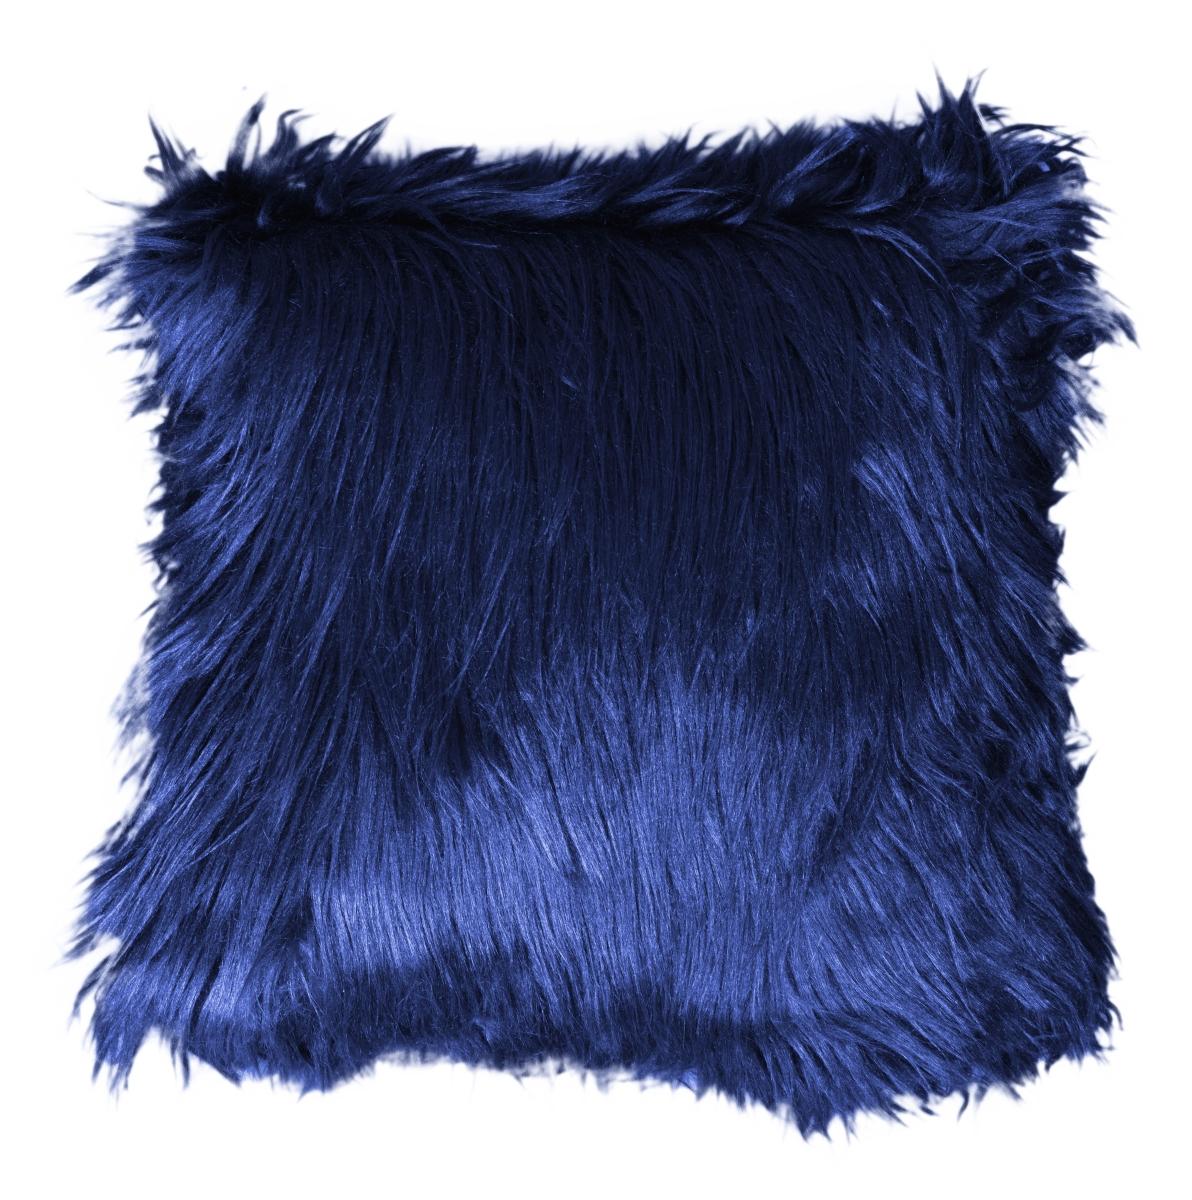 Dekorační potah  na polštář,půlnoční modrý z česané umělé kožešiny